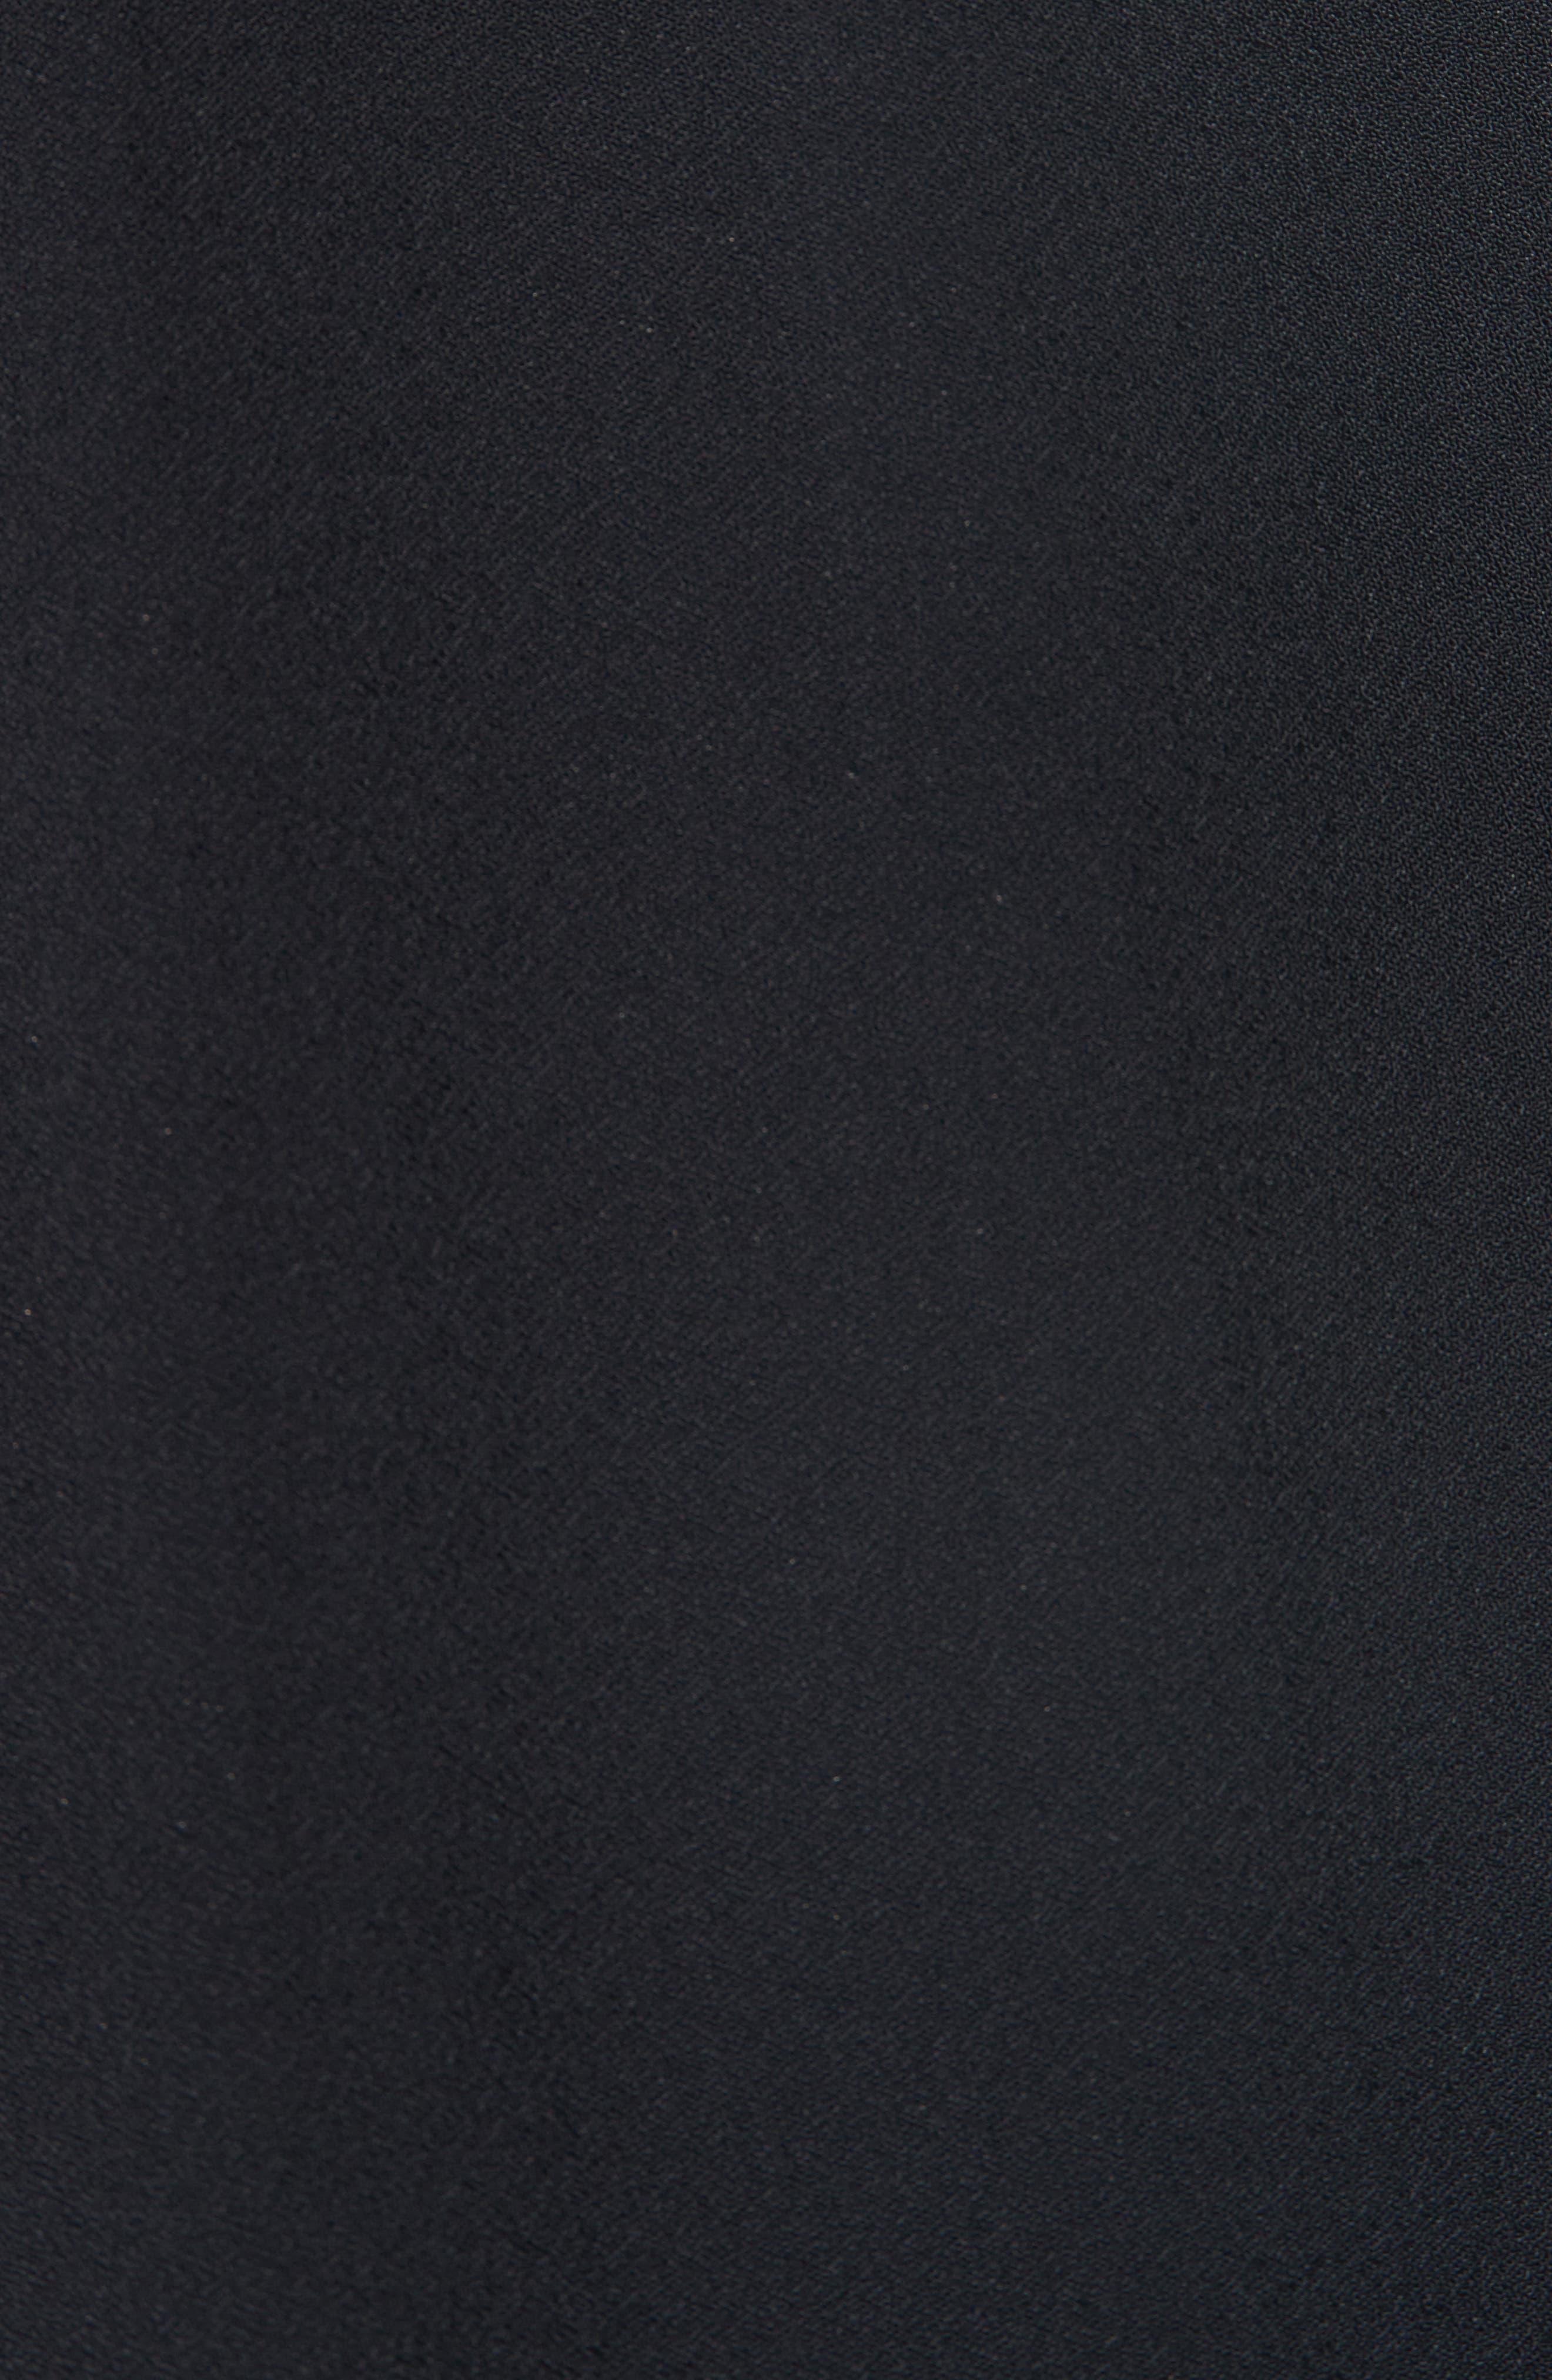 Slit Detail Midi Skirt,                             Alternate thumbnail 5, color,                             BLACK